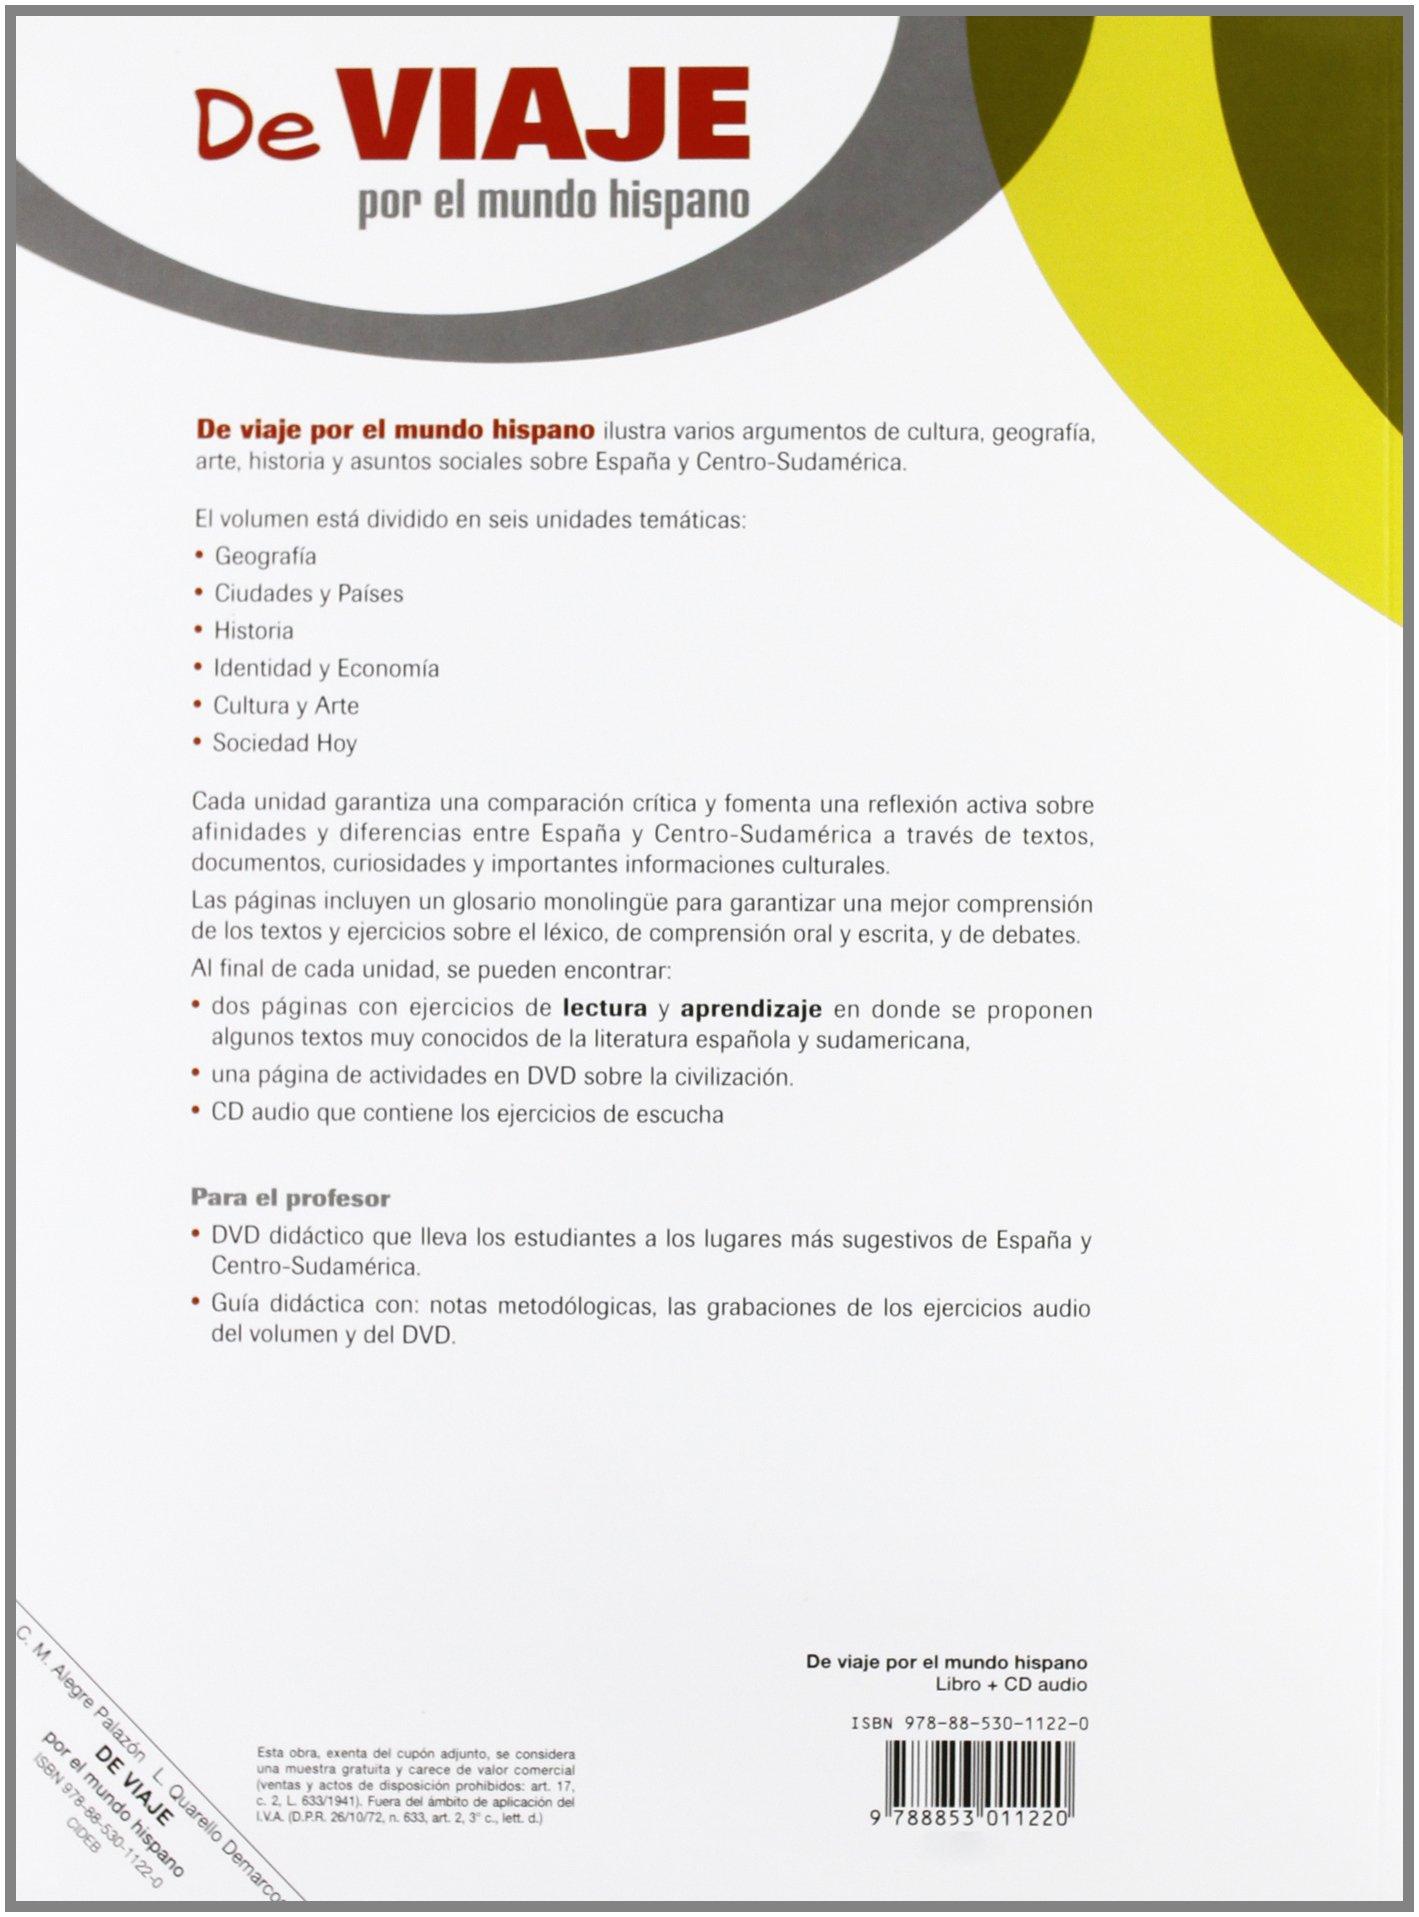 De Viaje Por El Mundo Hispano. Libro +CD Civilizacion: Amazon.es: C.M. Alegre, L. Quarello: Libros